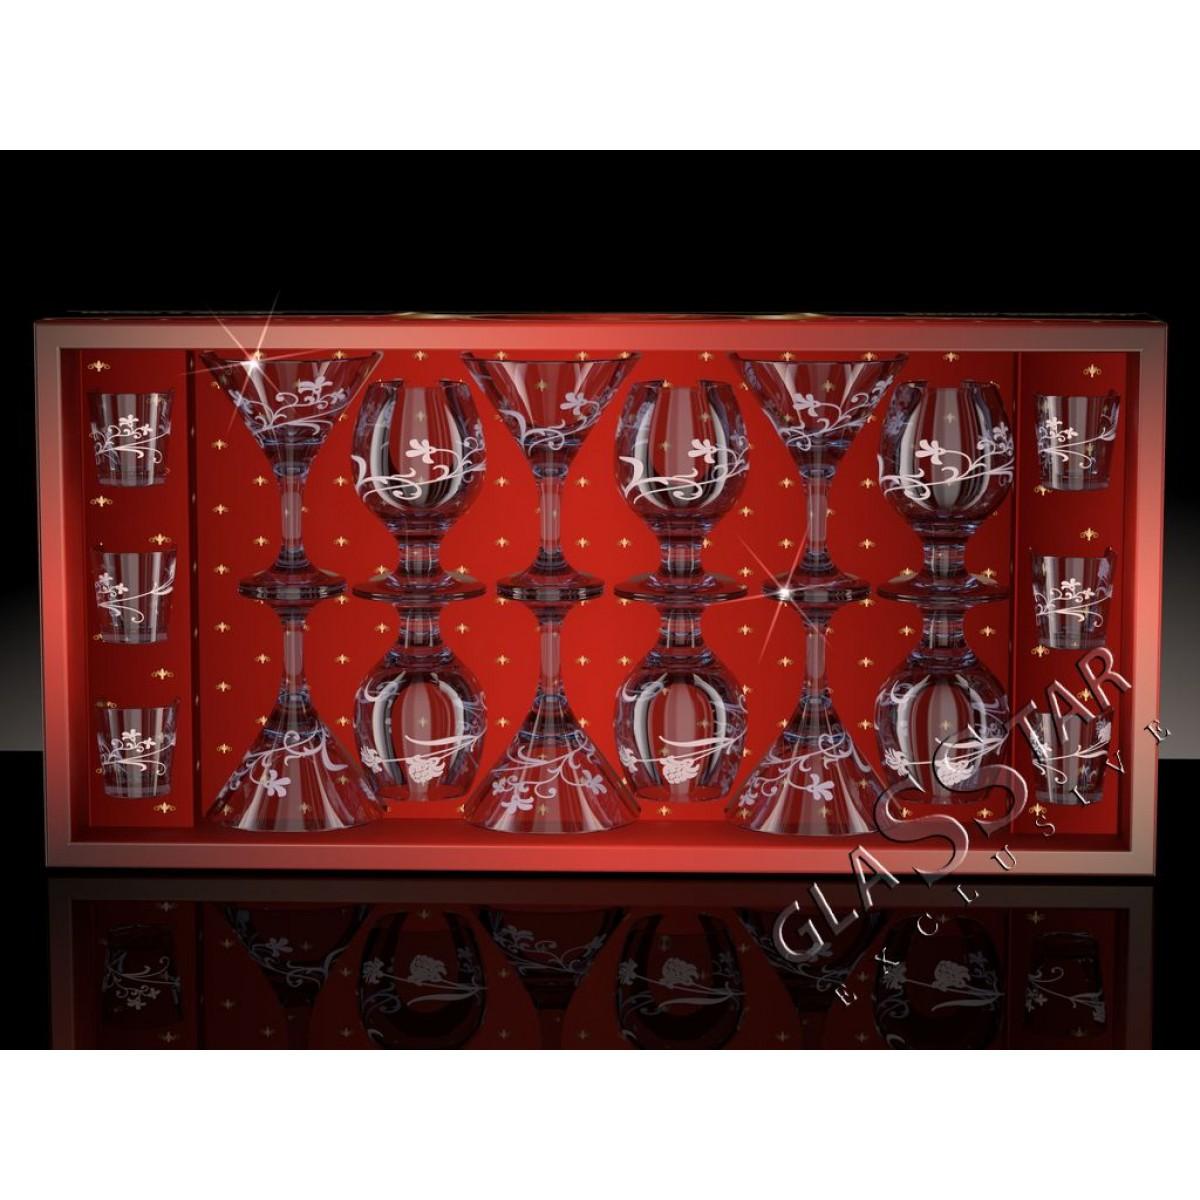 GD6_410_1740_50 Набор 18 предметов «Изящная ветвь дымка» (6 мартини + 6 бокалов-бренди + 6 стопок)